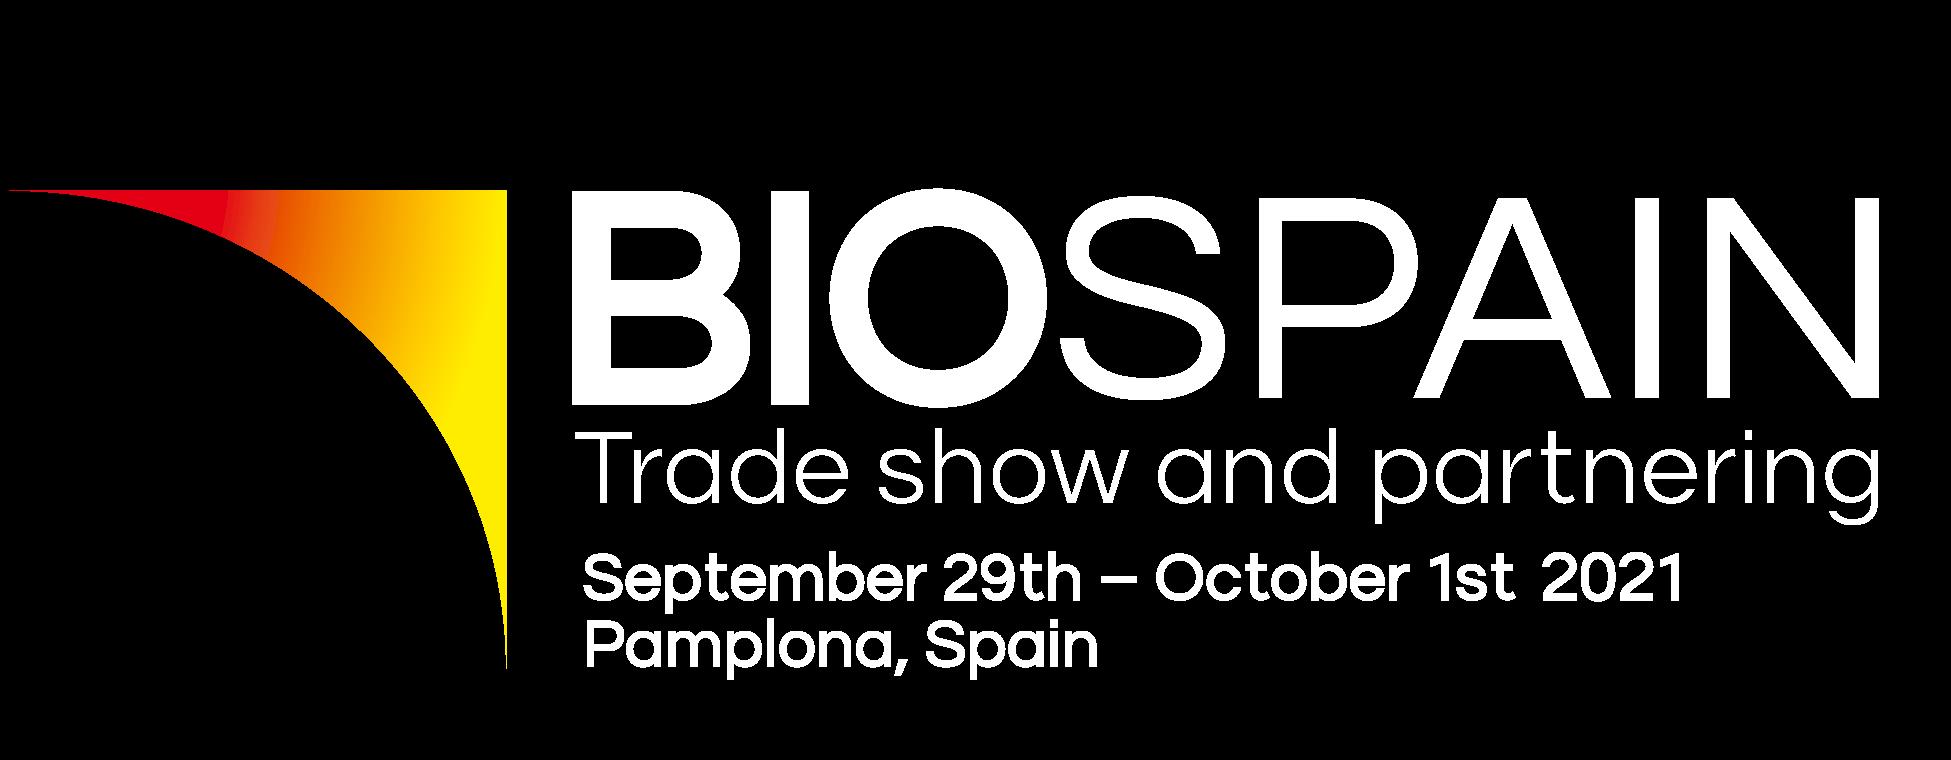 BIOSPAIN 2021. Pamplona. Navarra. Spain